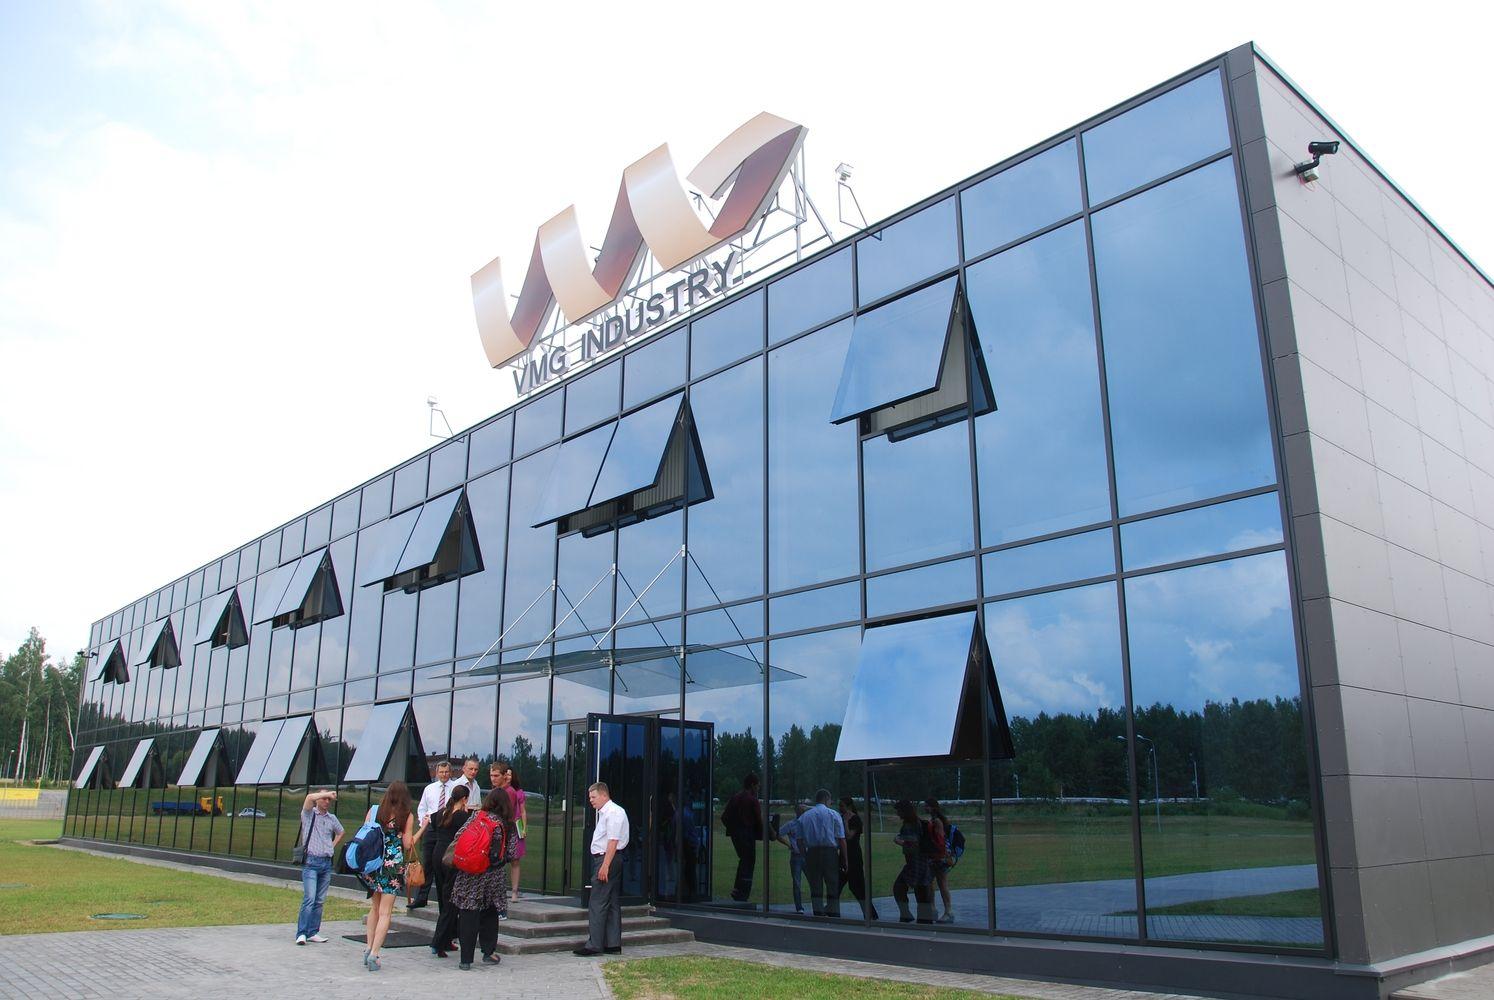 Vakarų medienos grupė turės didžiausią lentpjūvę Baltarusijoje